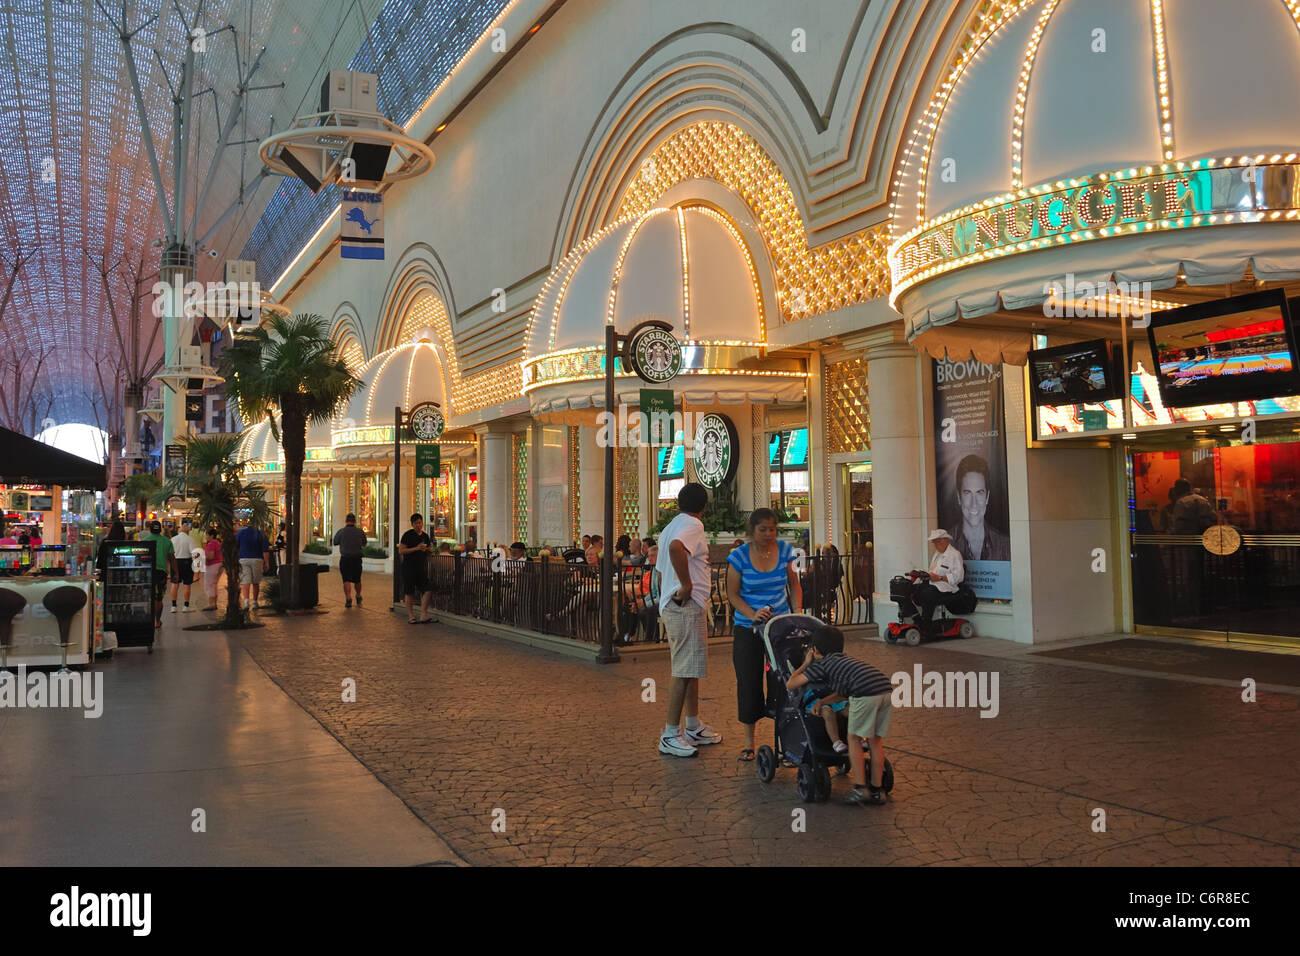 Golden nugget casino las fremont hotel and casino las vegas